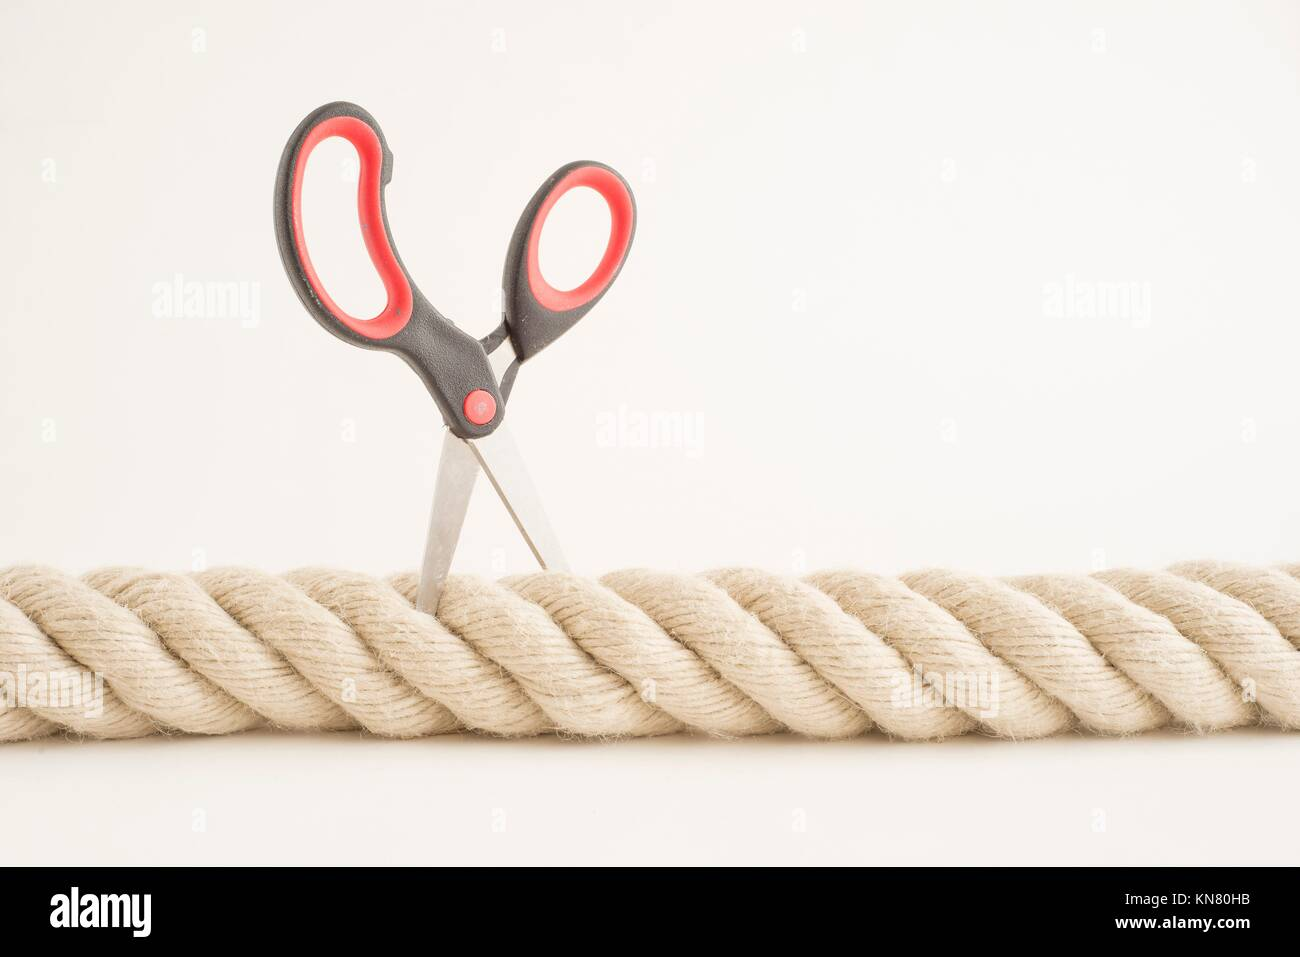 La soga fuerte y unas tijeras pequeñas. Concepto de fuerza, desafíos y dificultades. Imagen De Stock